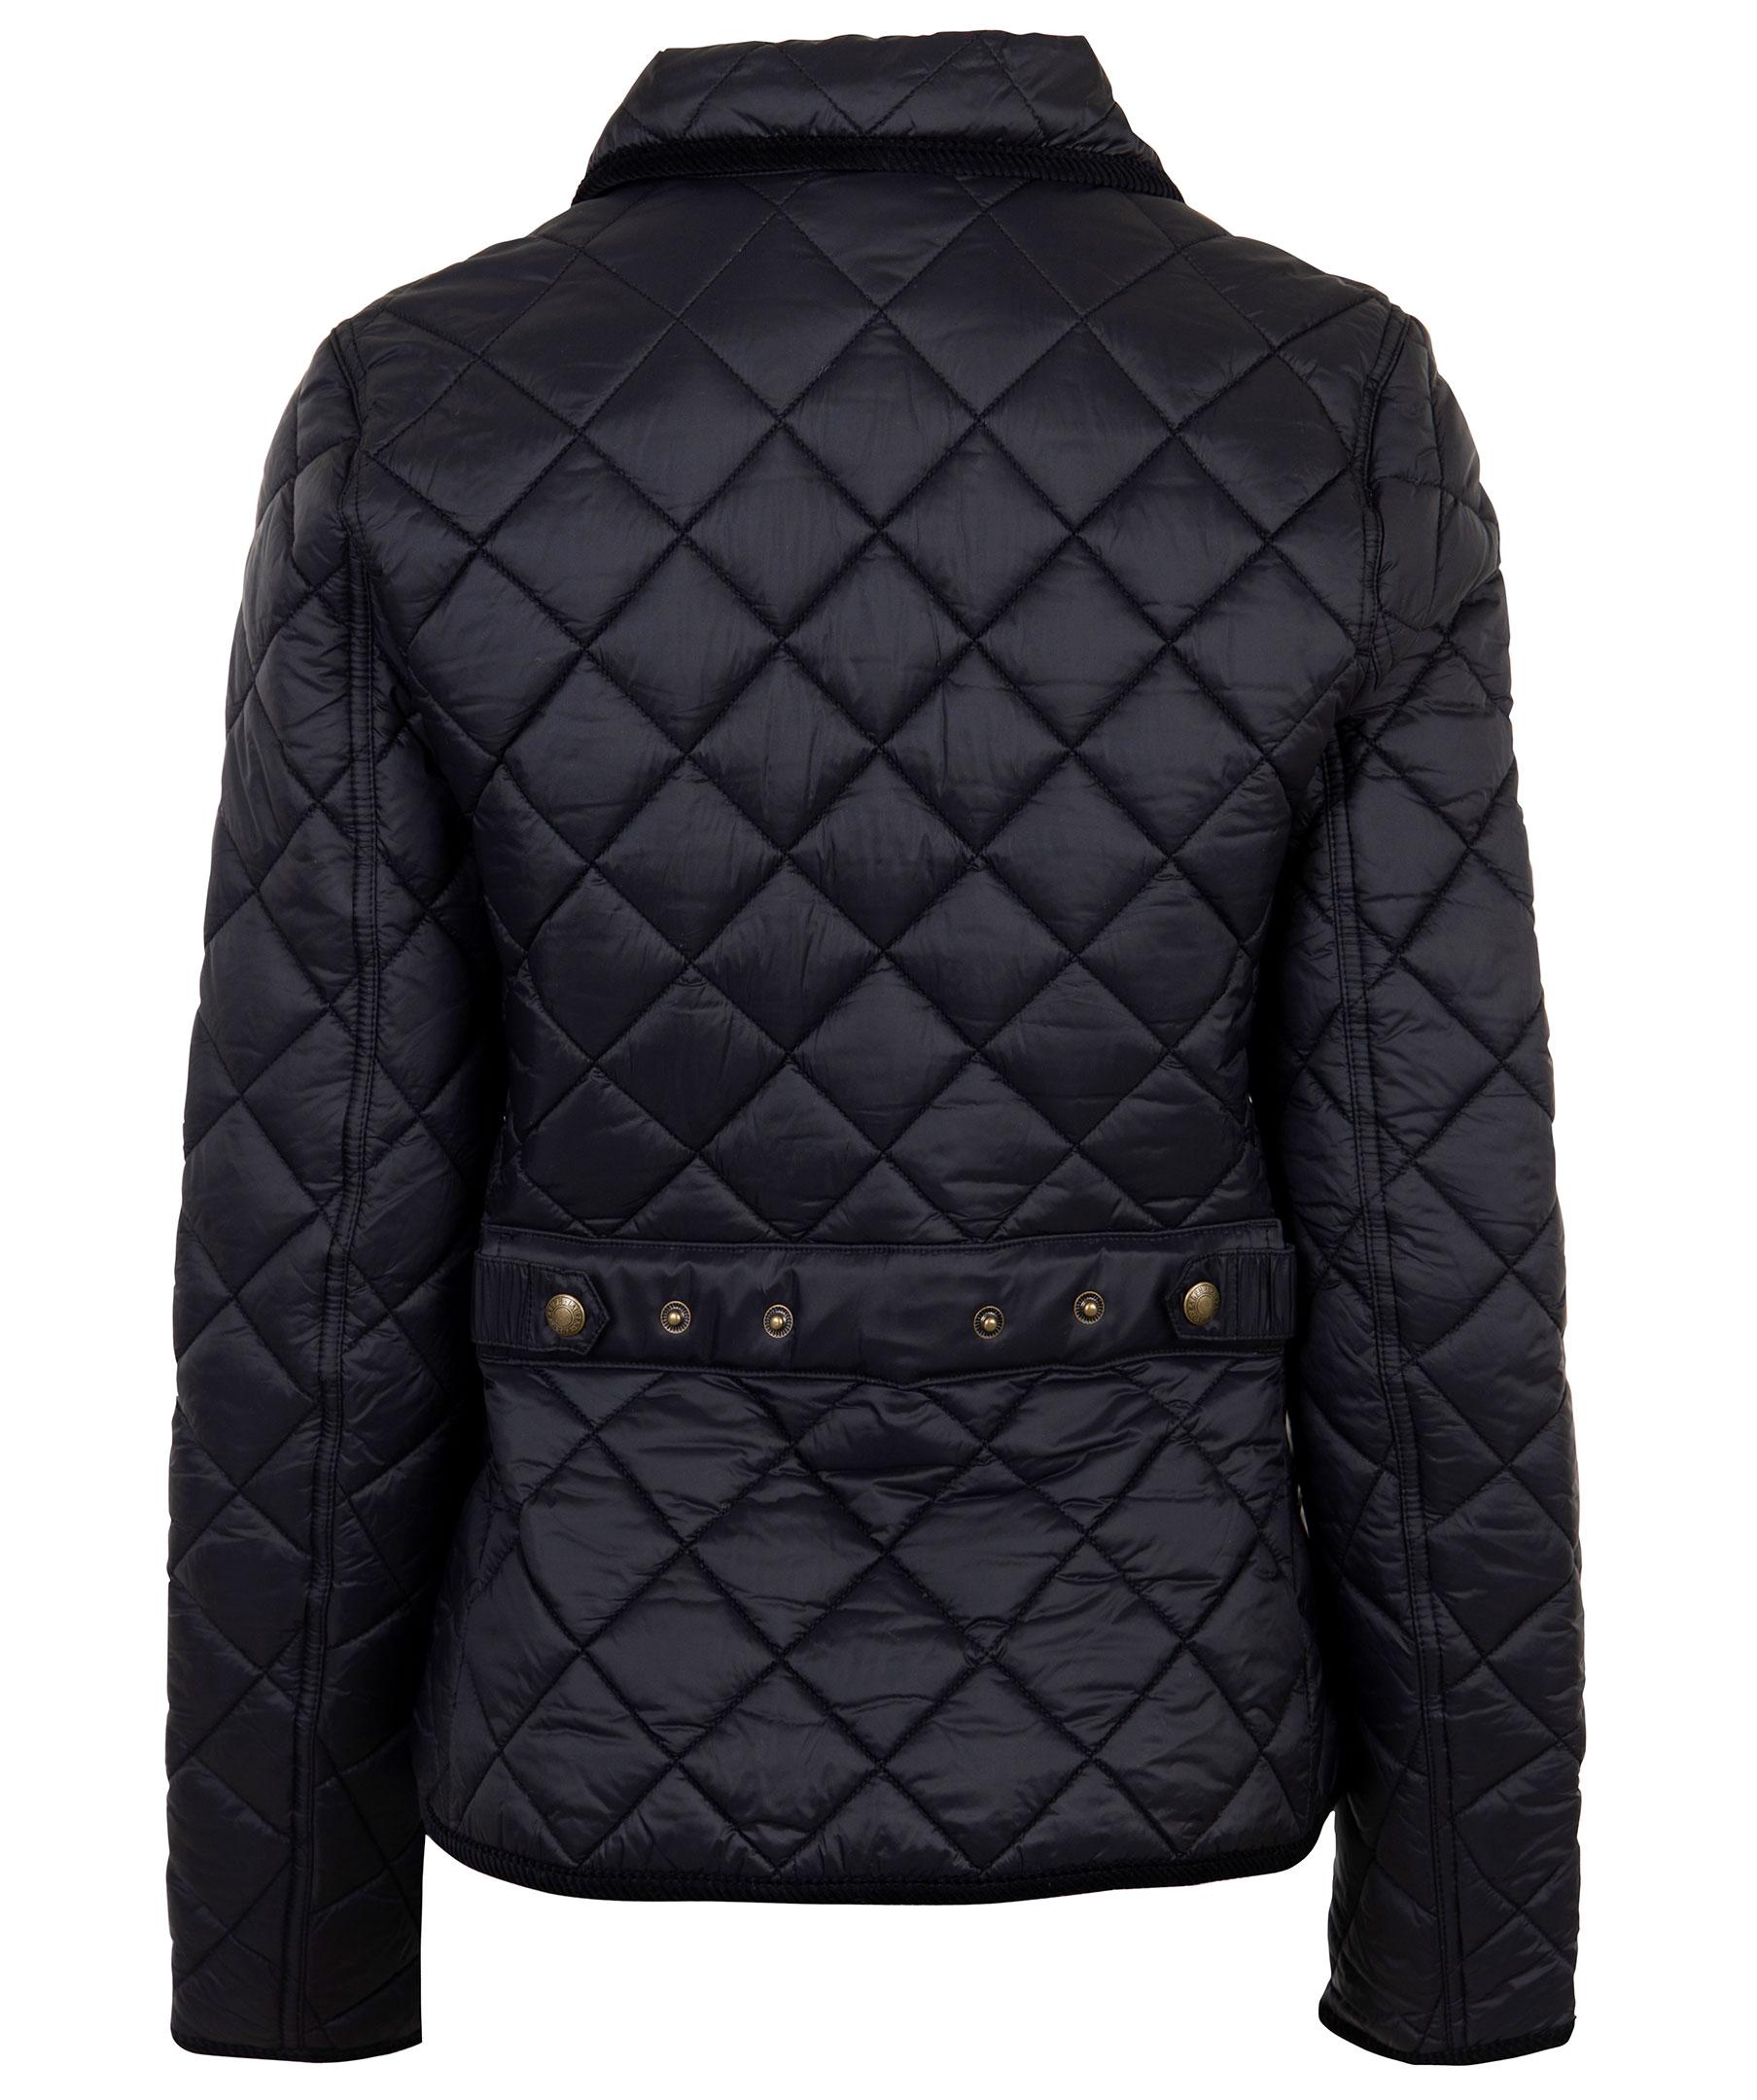 c876c1a51e62 Trendiga jackor för kvinnor | Johnells